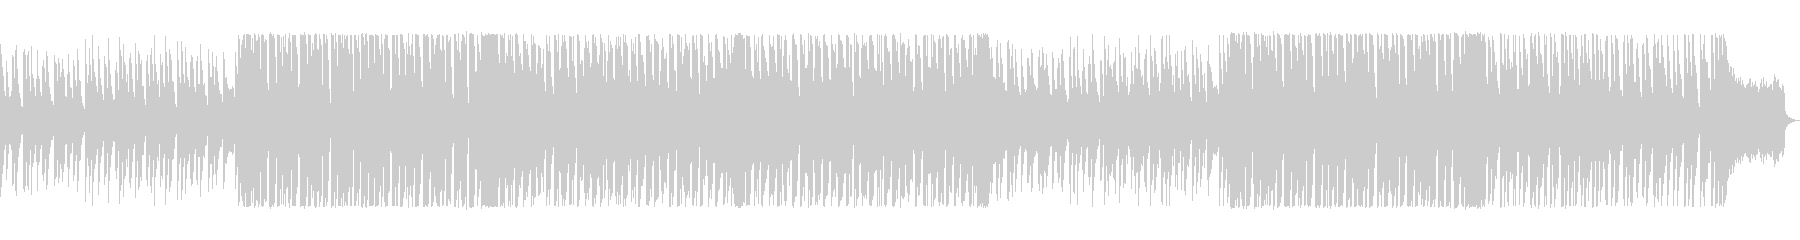 ポップで気分が弾むシンセサイザーの曲の未再生の波形